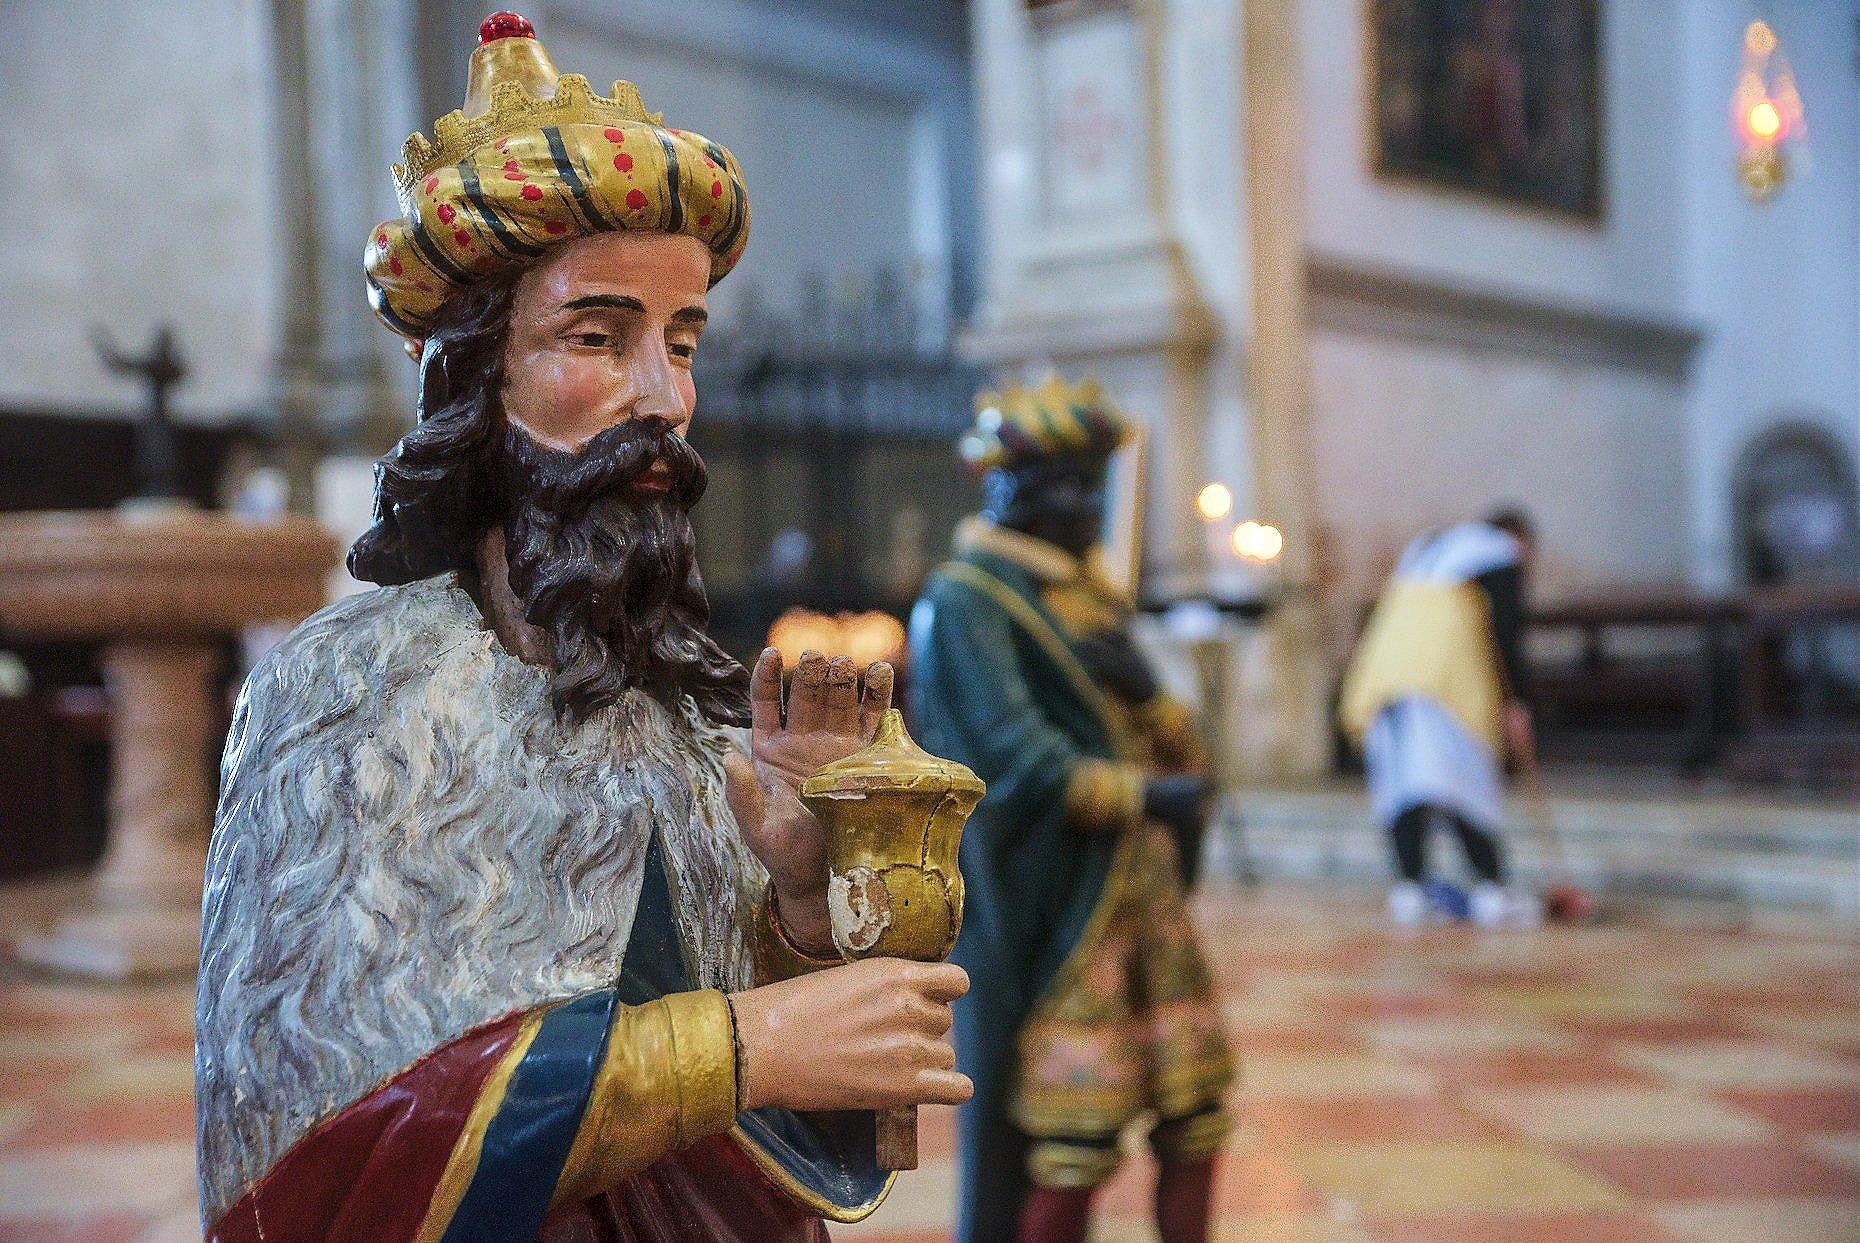 Presepe nella chiesa di San Francesco della Vigna